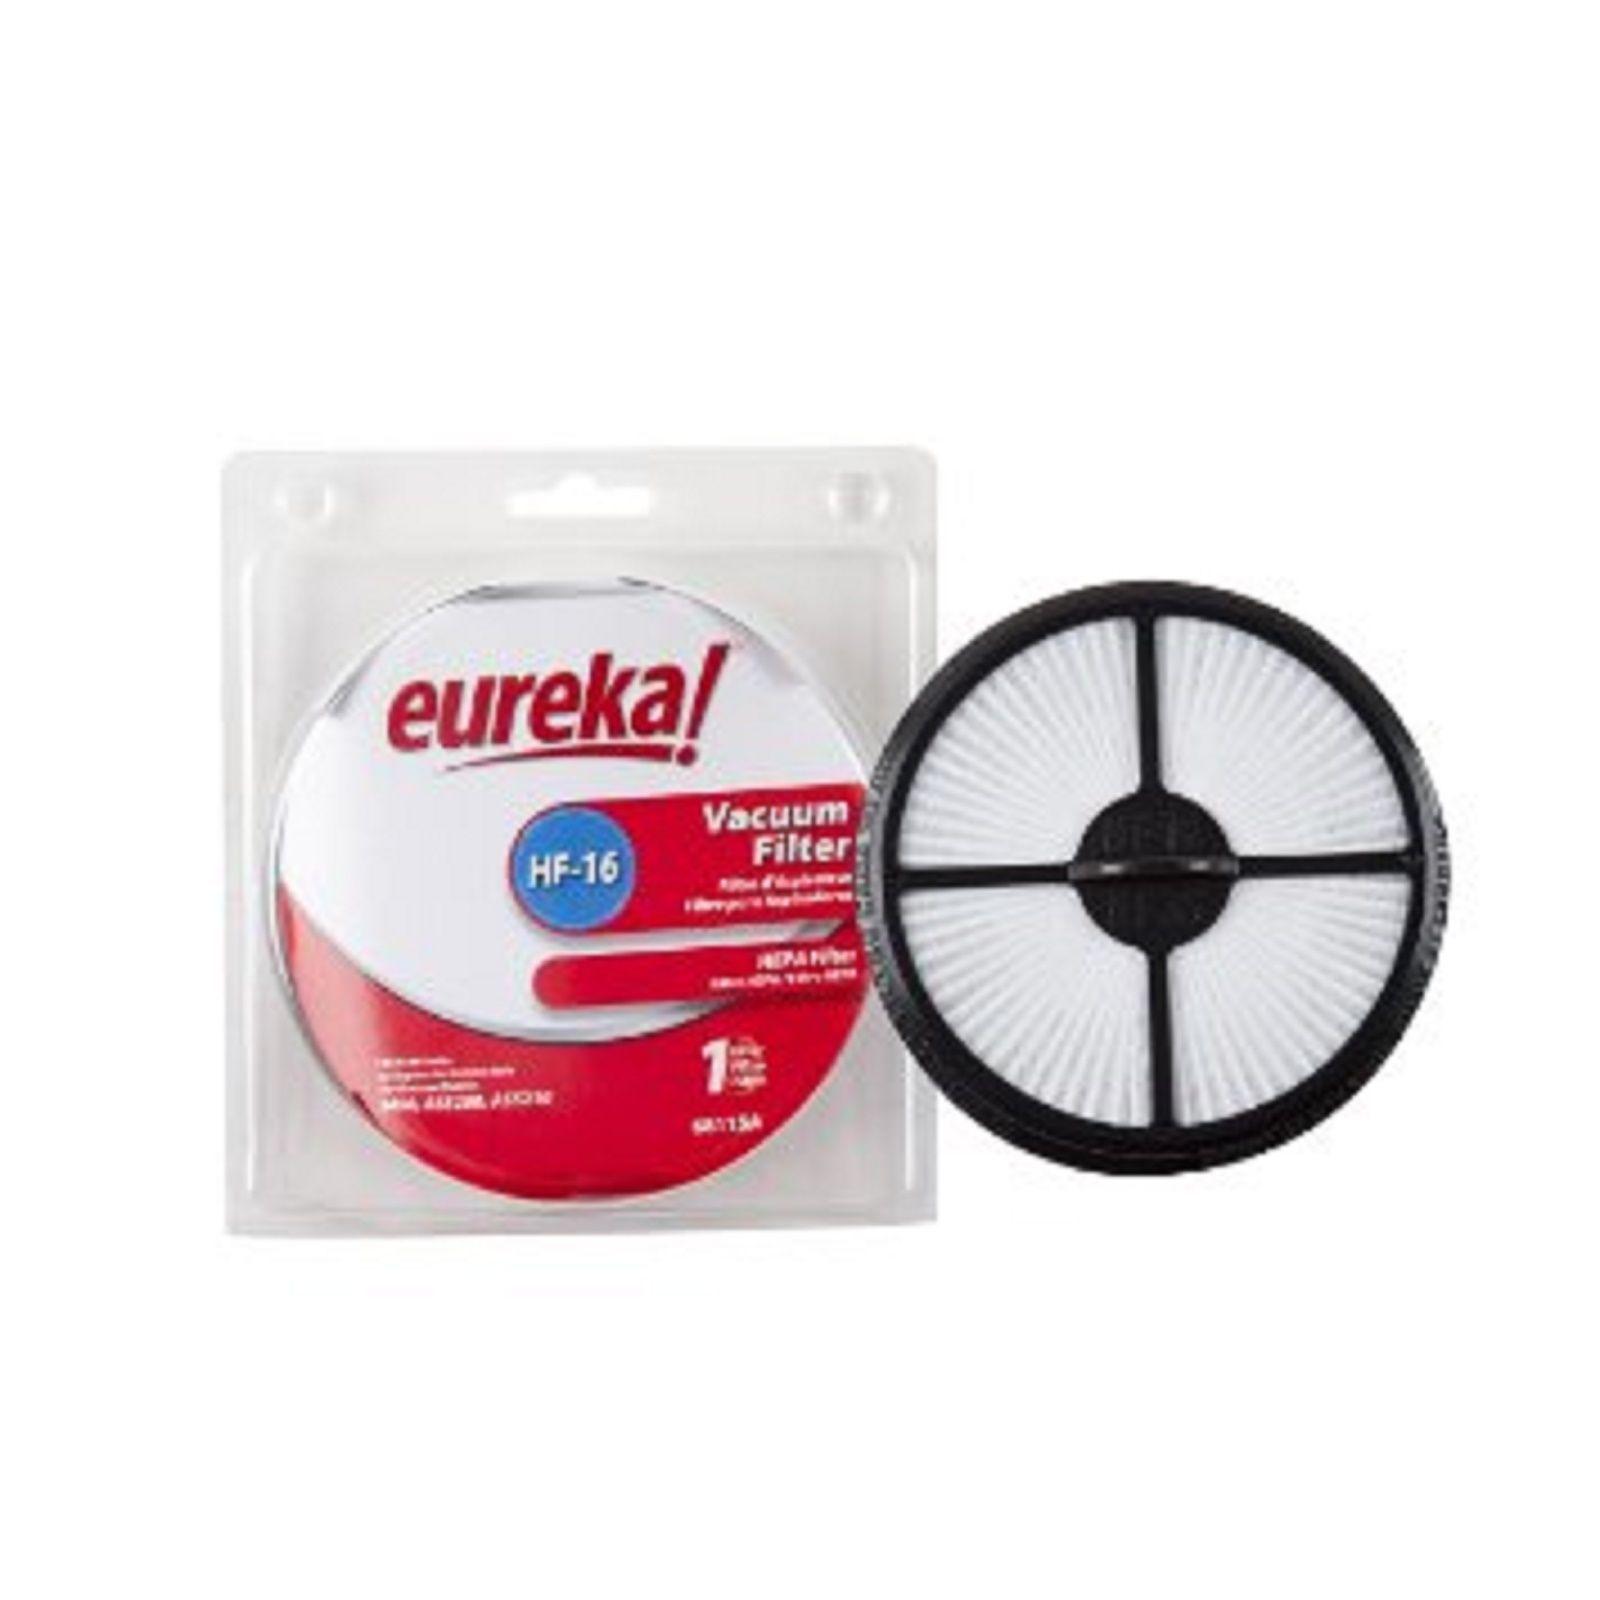 Genuine Eureka AS Premium Filtration Vacuum Bag 68155-3 bags